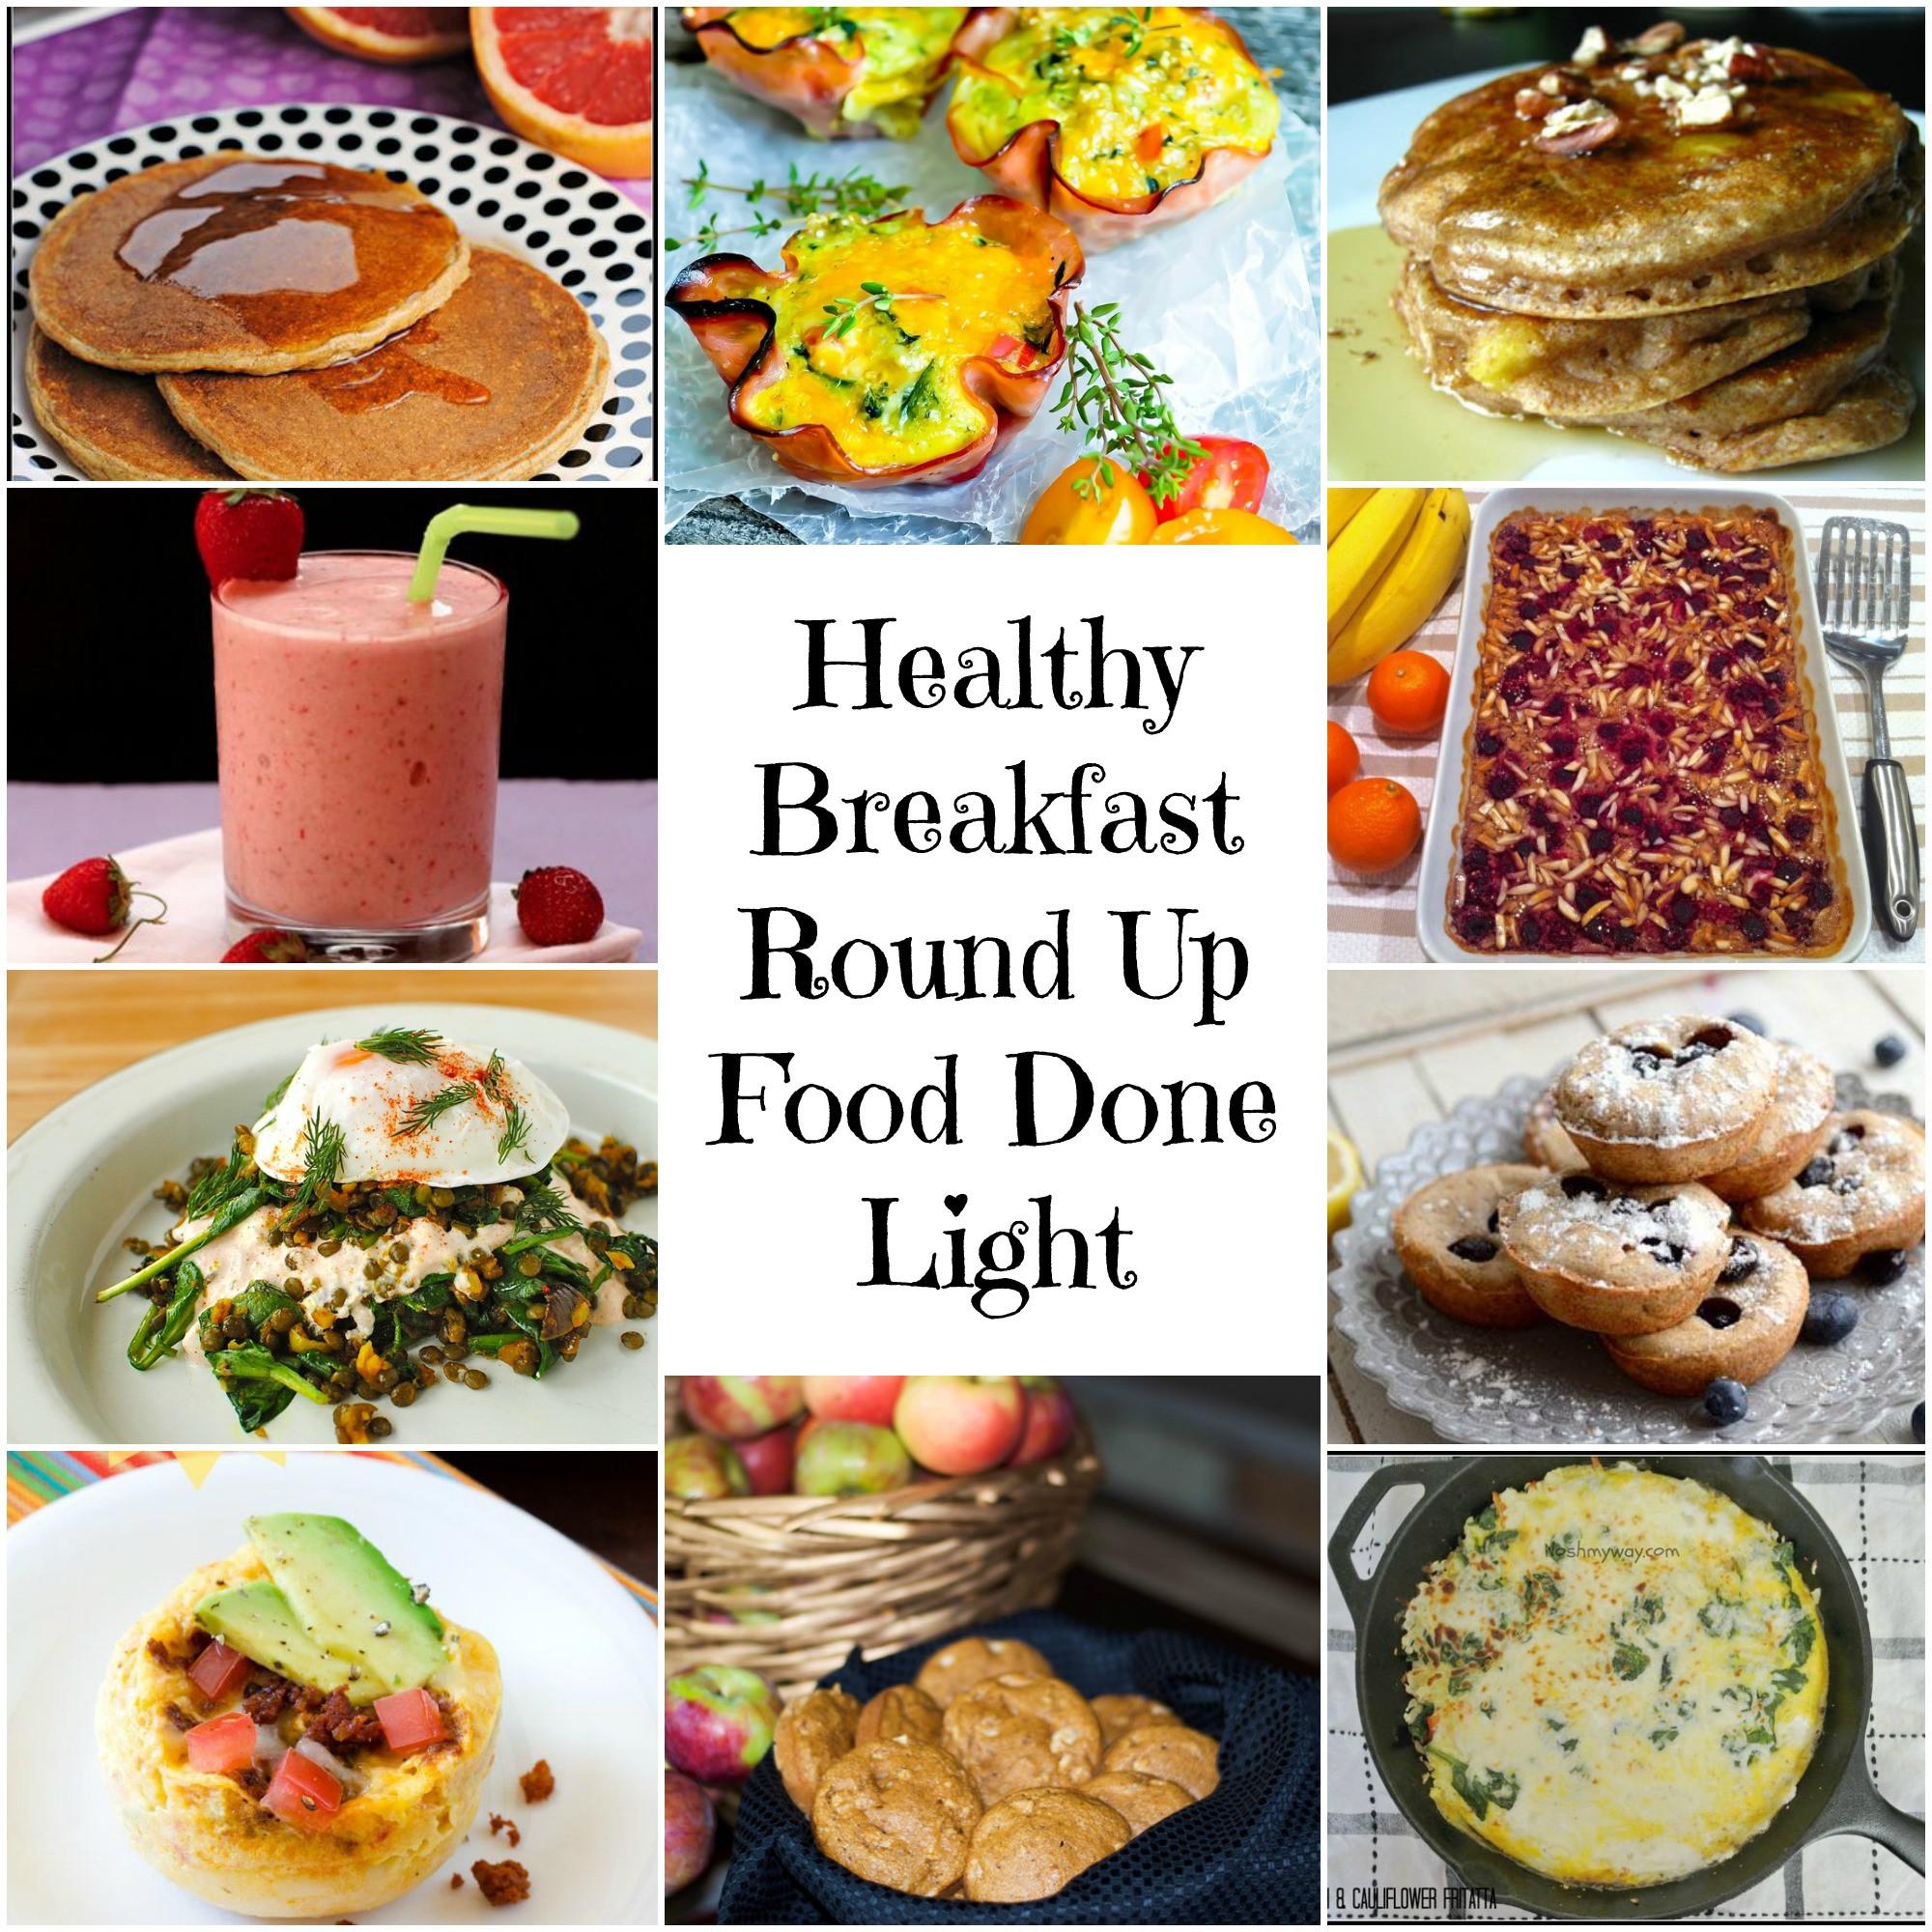 Healthy Breakfast Recipe  Best Healthy Christmas Breakfast Recipes